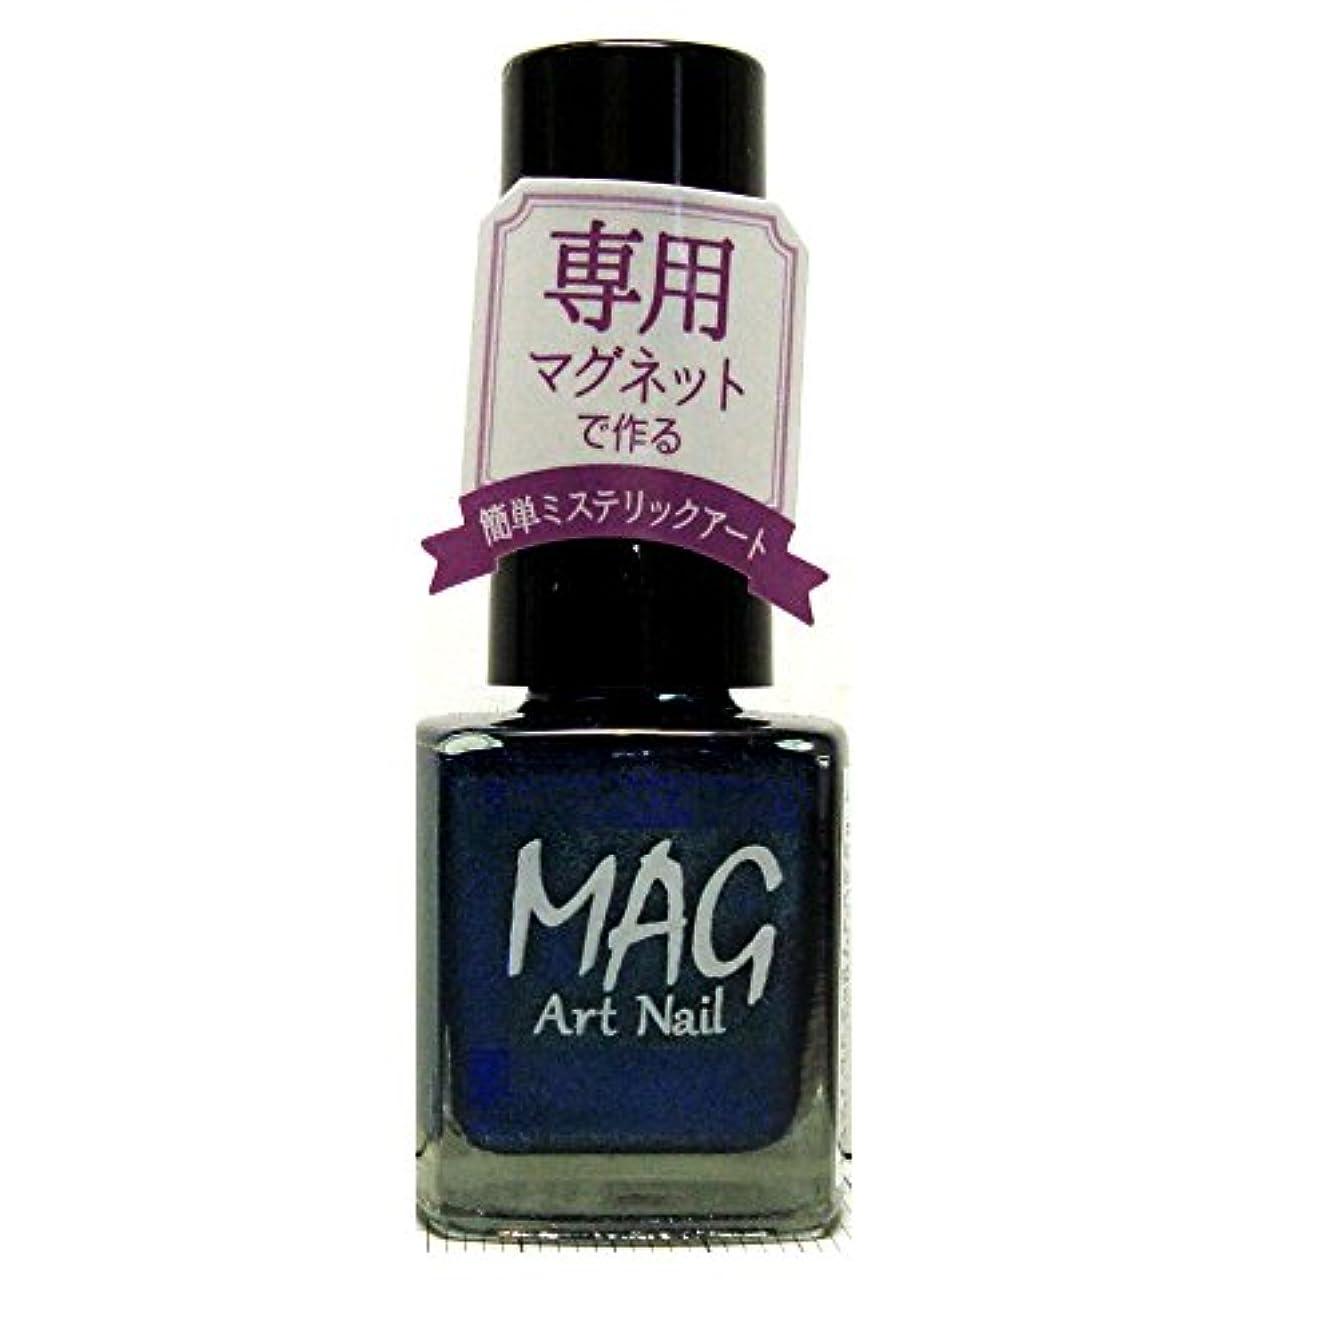 デッド顕著鎮痛剤TMマグアートネイル(爪化粧料) TMMA1605 ナイトブルー